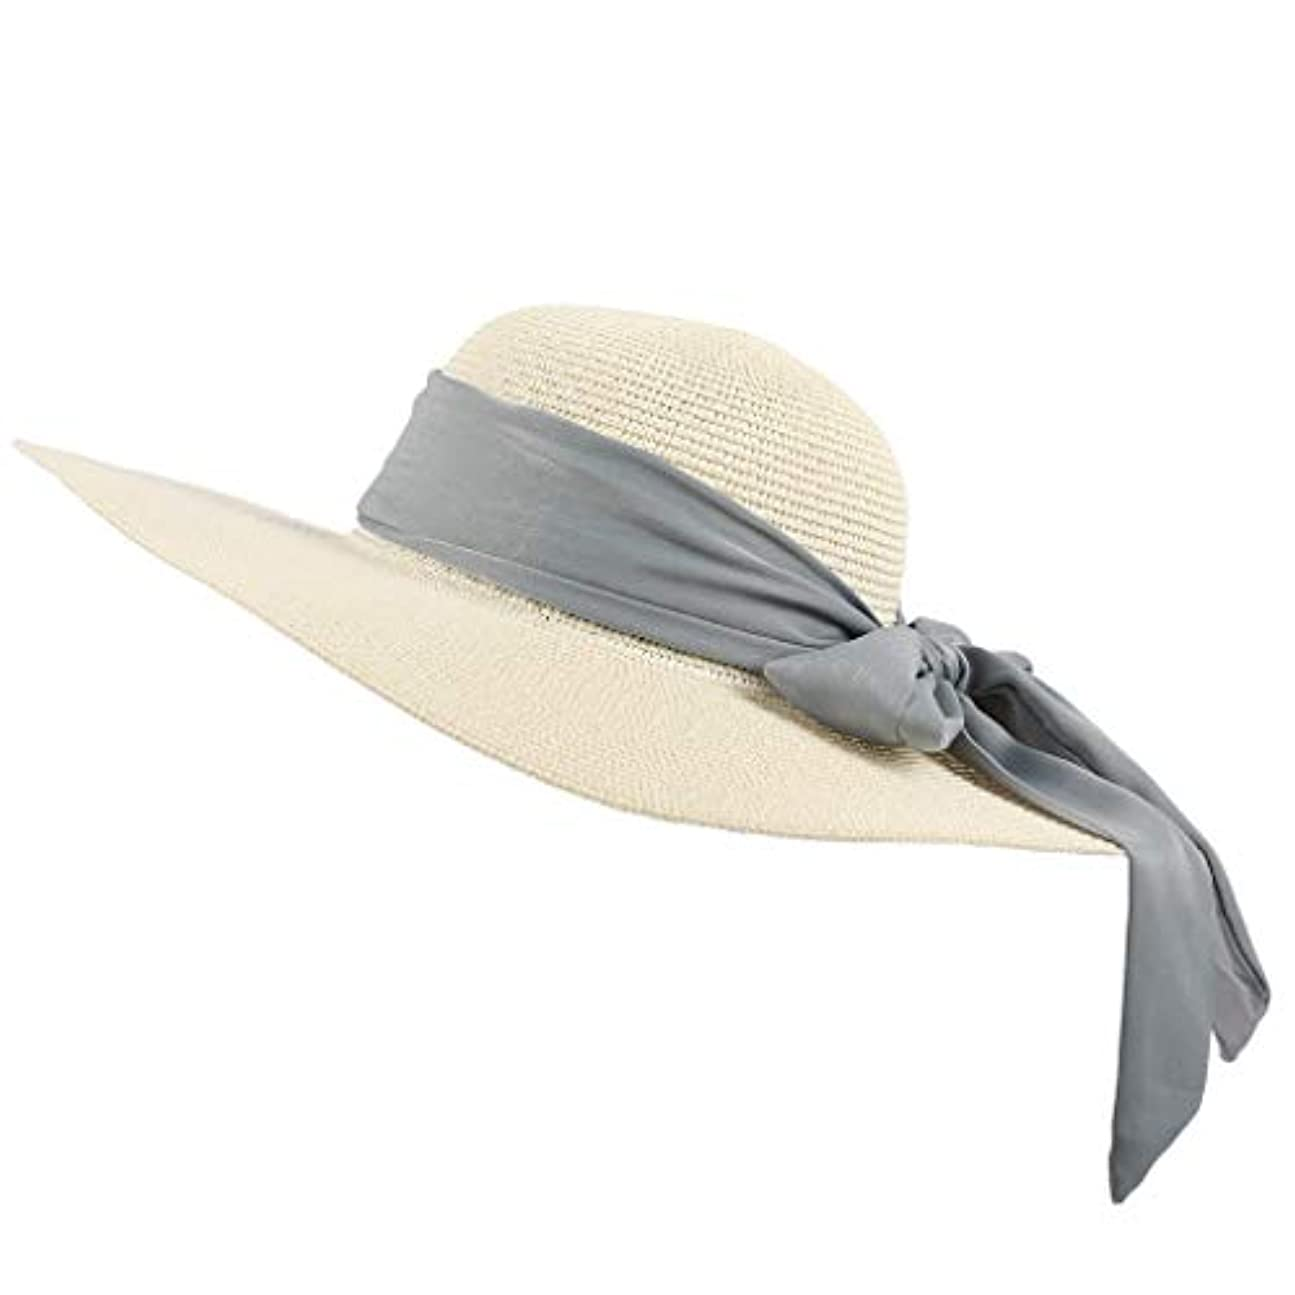 サーマル賞賛謝罪する帽子 レディース ROSE ROMAN UVカット ハット 紫外線対策 可愛い 小顔効果抜群 日よけ つば広 おしゃれ 可愛い 夏季 海 旅行 無地 ビーチ 海辺 ワイルド パーティー ダンスパーティー パーティー シンプル 発送